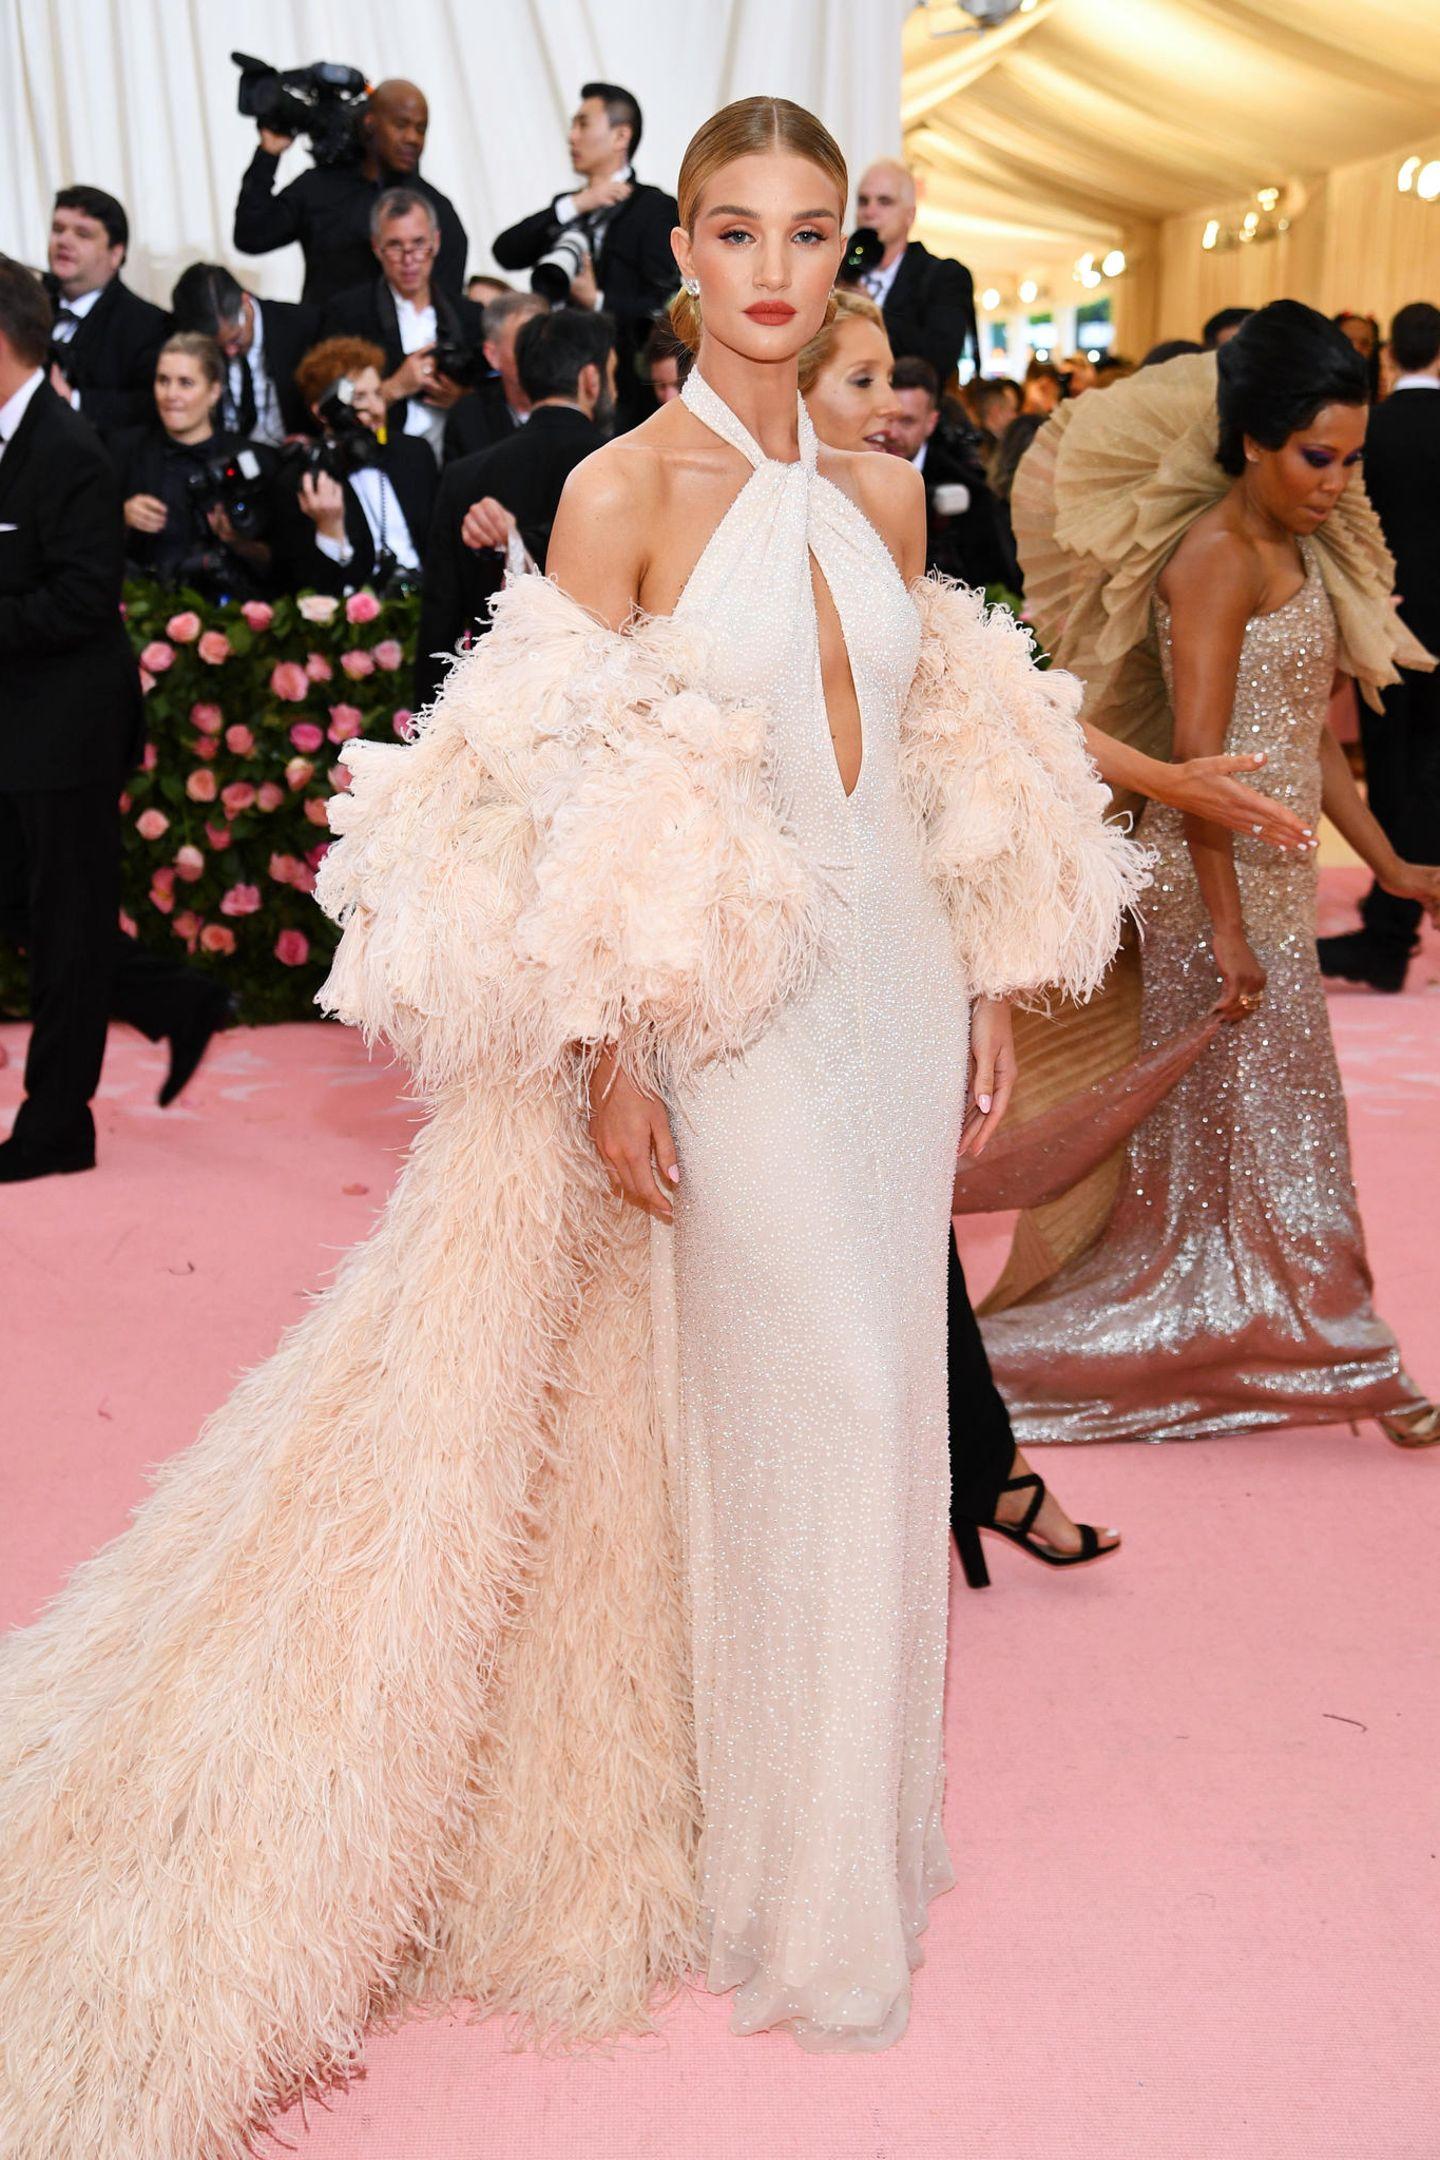 Nicht besonders extravagant, aber sehr elegant gestylt zeigt sich Rosie Huntington-Whiteley im Traumkleid von Oscar de la Renta.